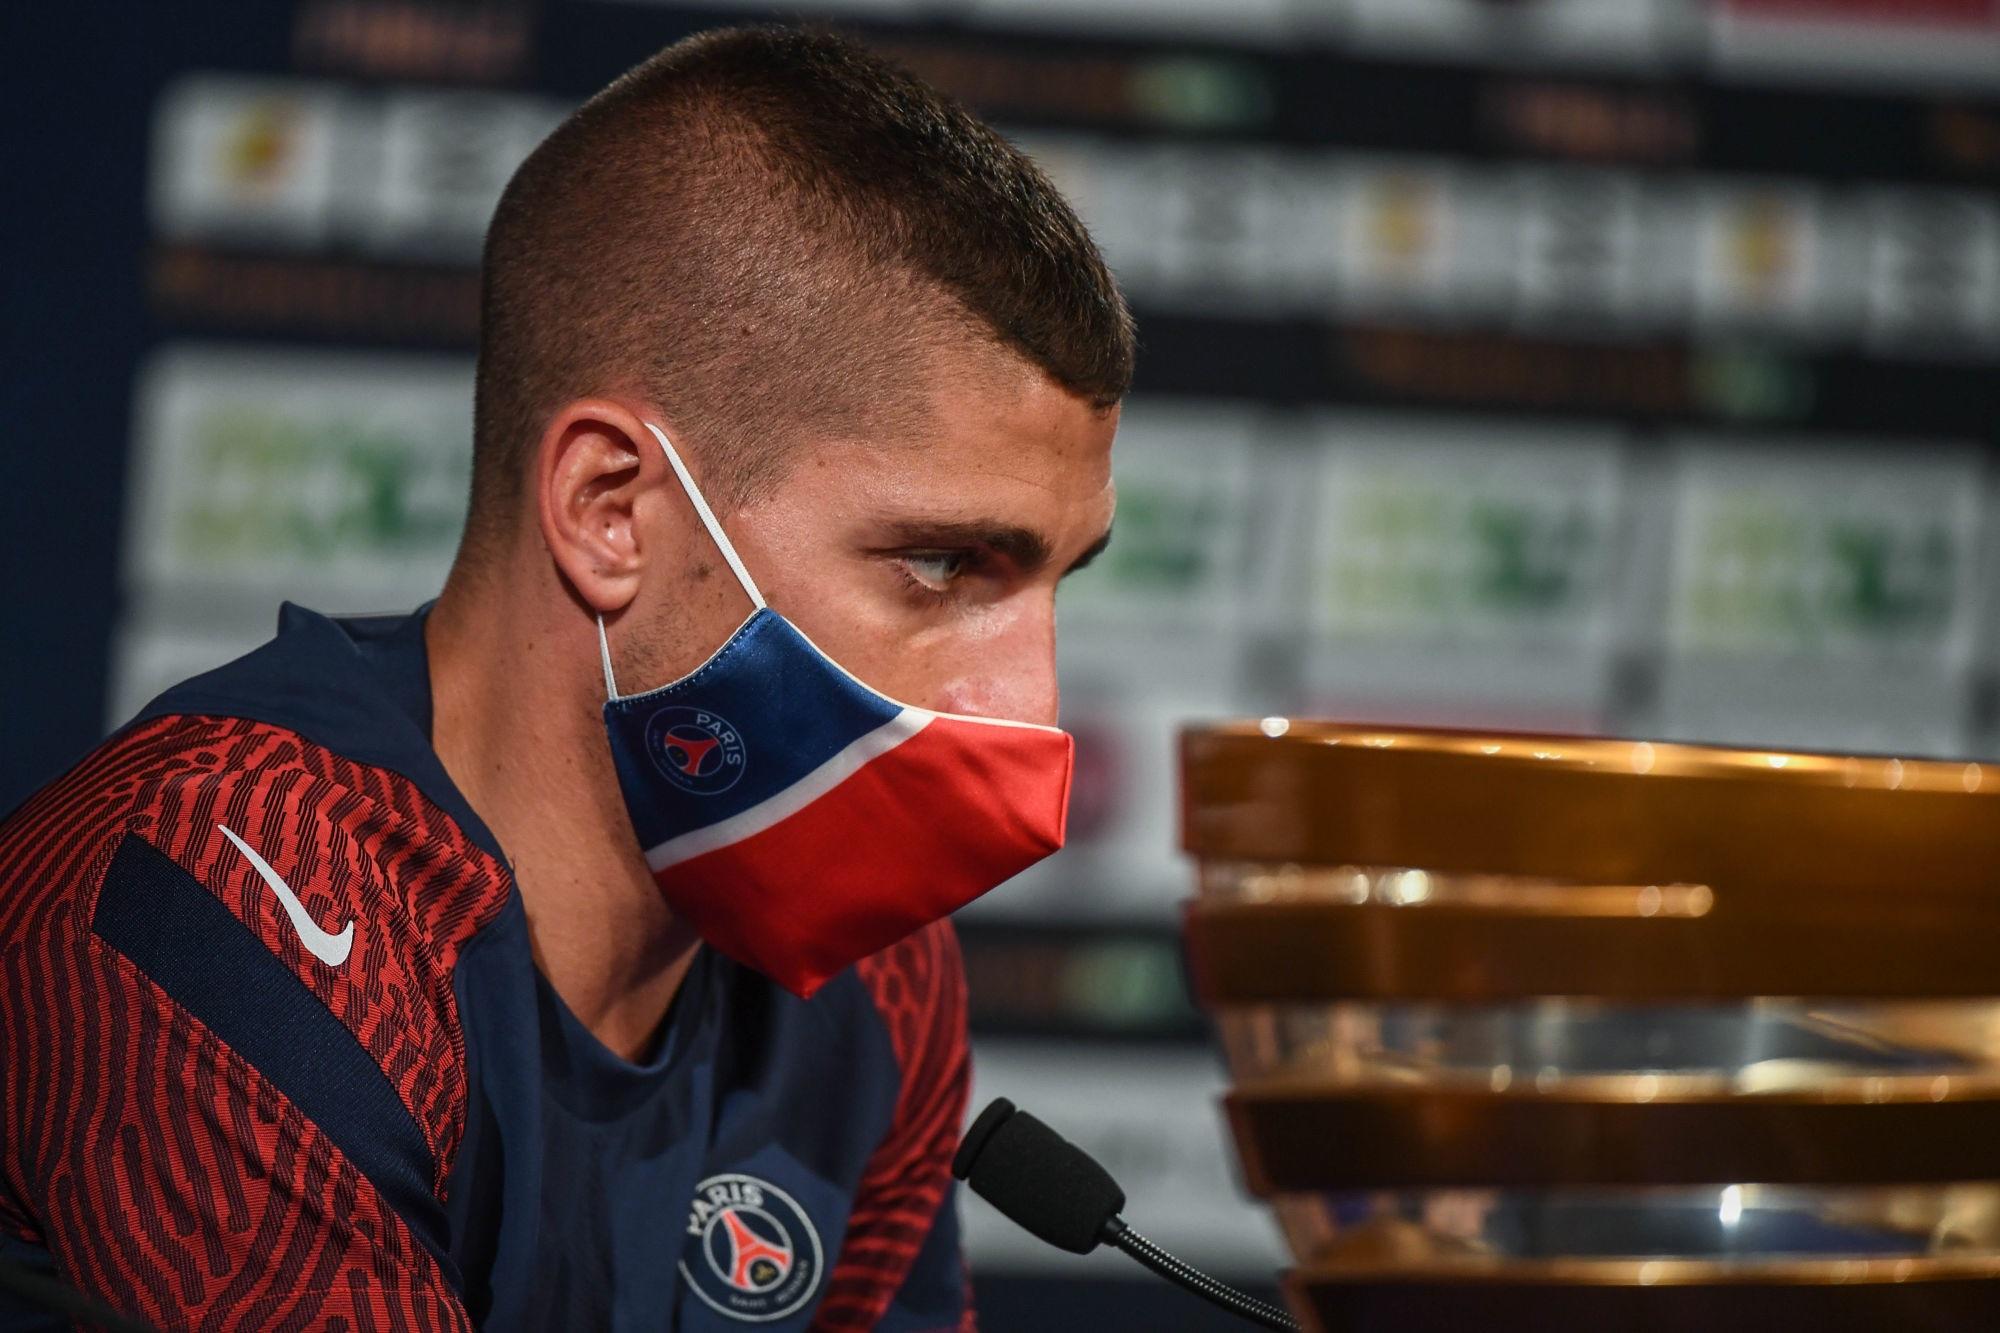 PSG/OL - Verratti se confie sur la concurrence, la blessure de Mbappé et l'importance du match